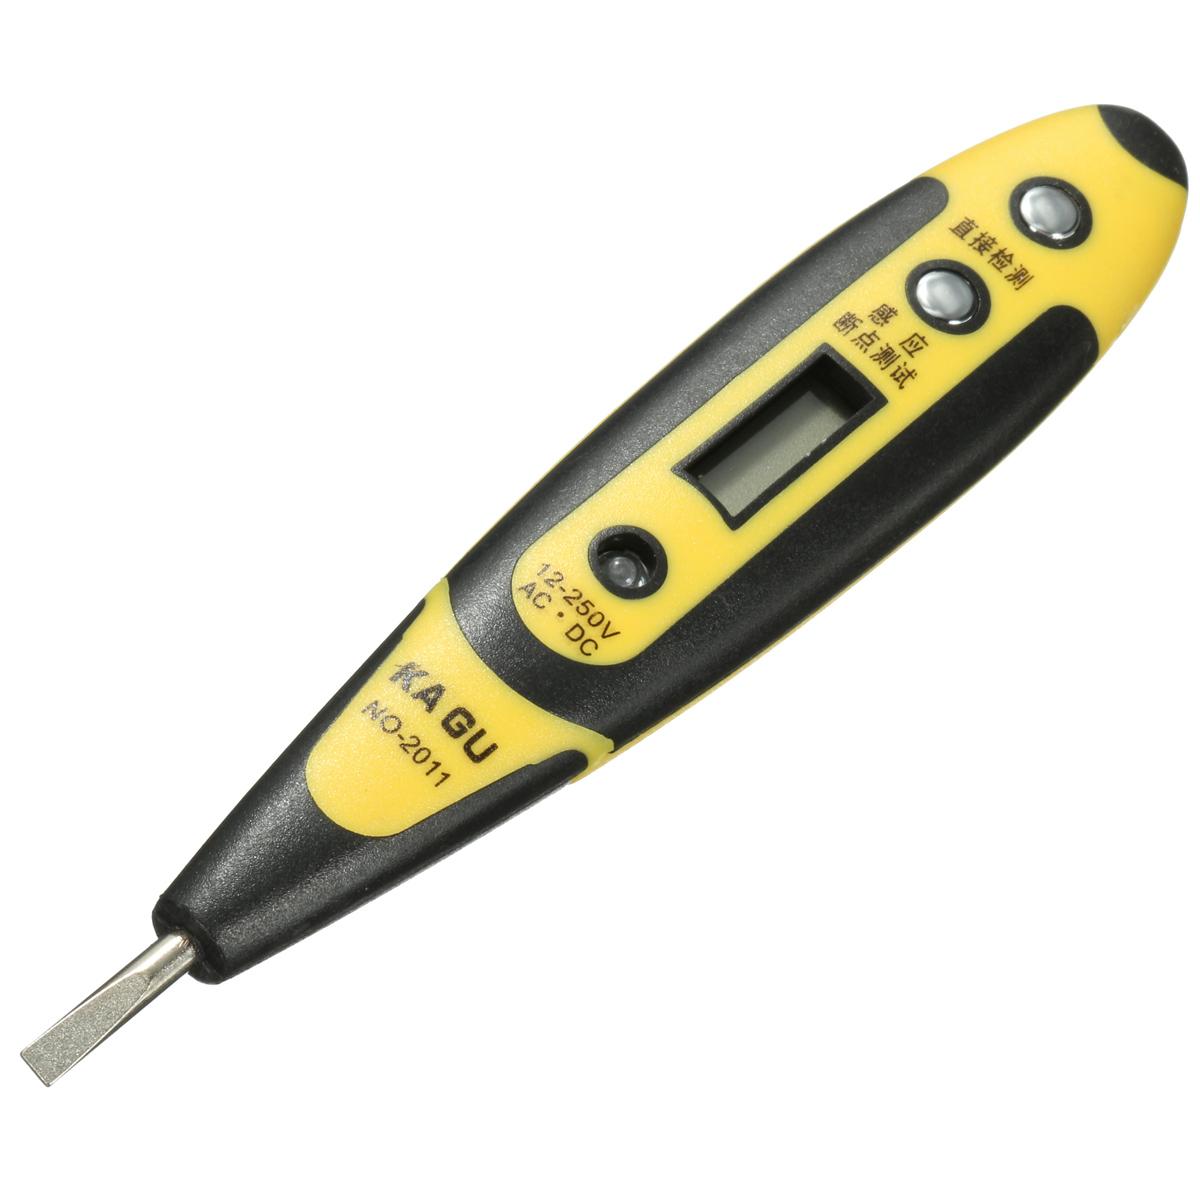 Voltage Tester Pen : V ac dc digital voltage detector tester pen led